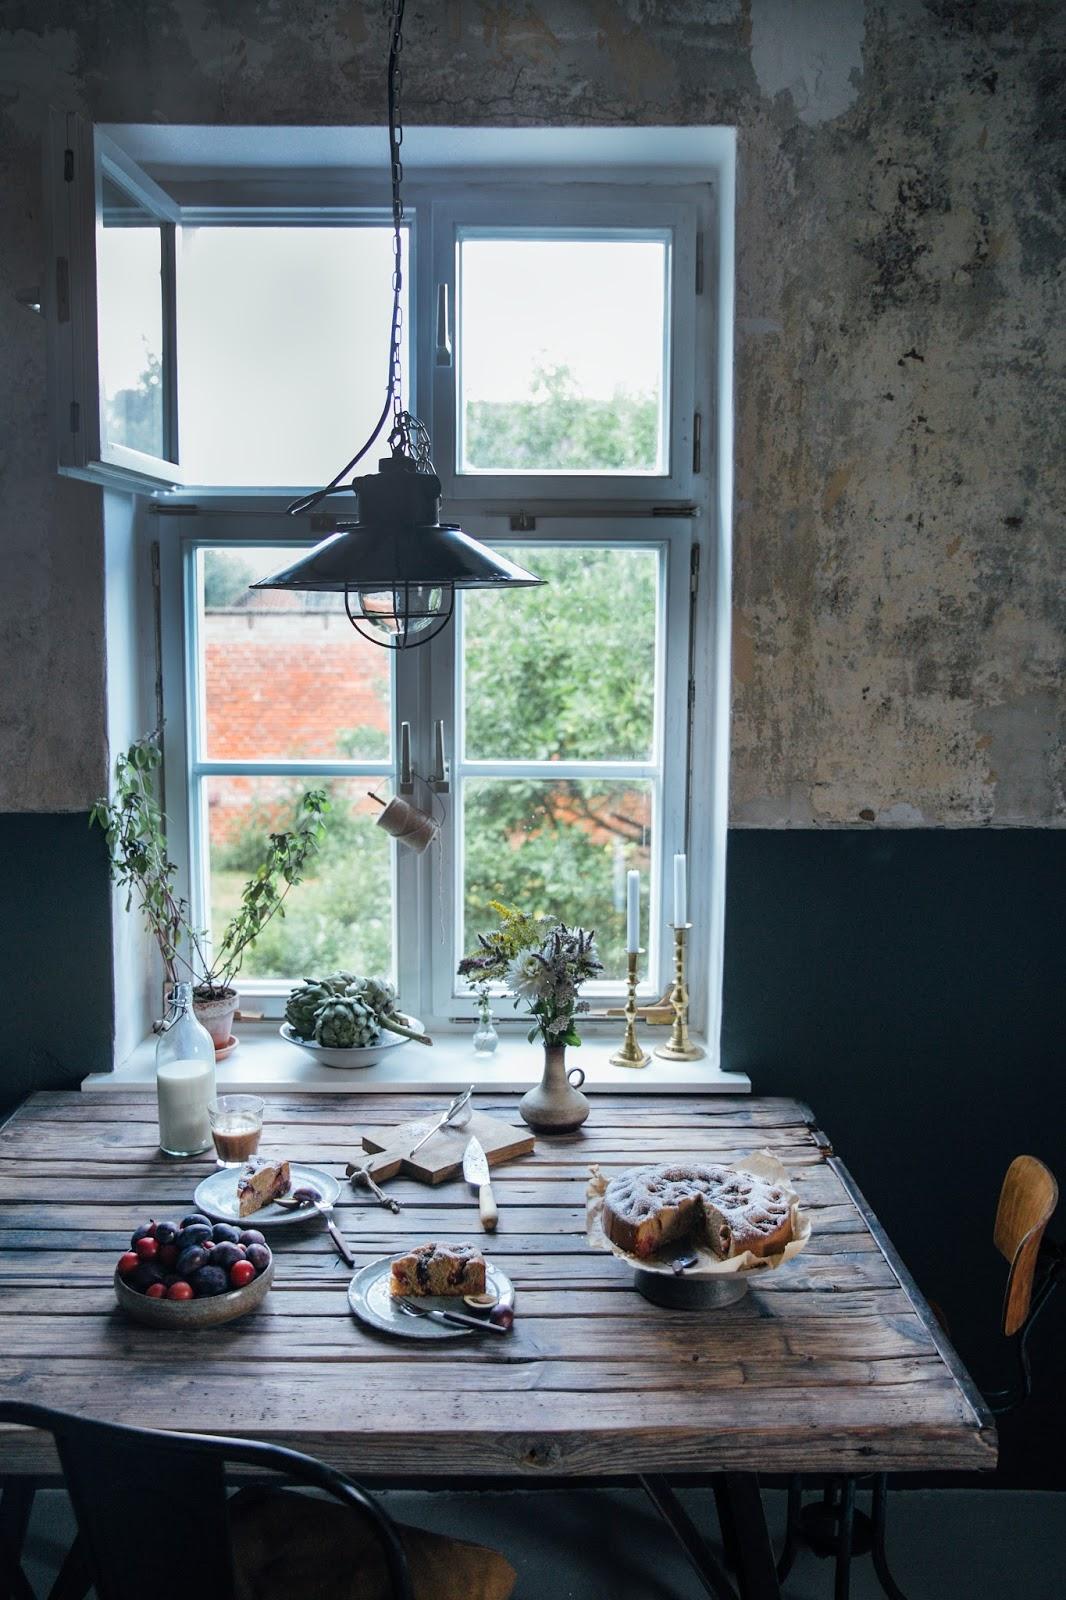 Full Size of Our New Ikea Kitchen In The Countryside Food Stories L Küche Mit Elektrogeräten Theke Pendelleuchte Tapeten Für Die Winkel Sitzgruppe Kräutergarten Wohnzimmer Ikea Küche Mint